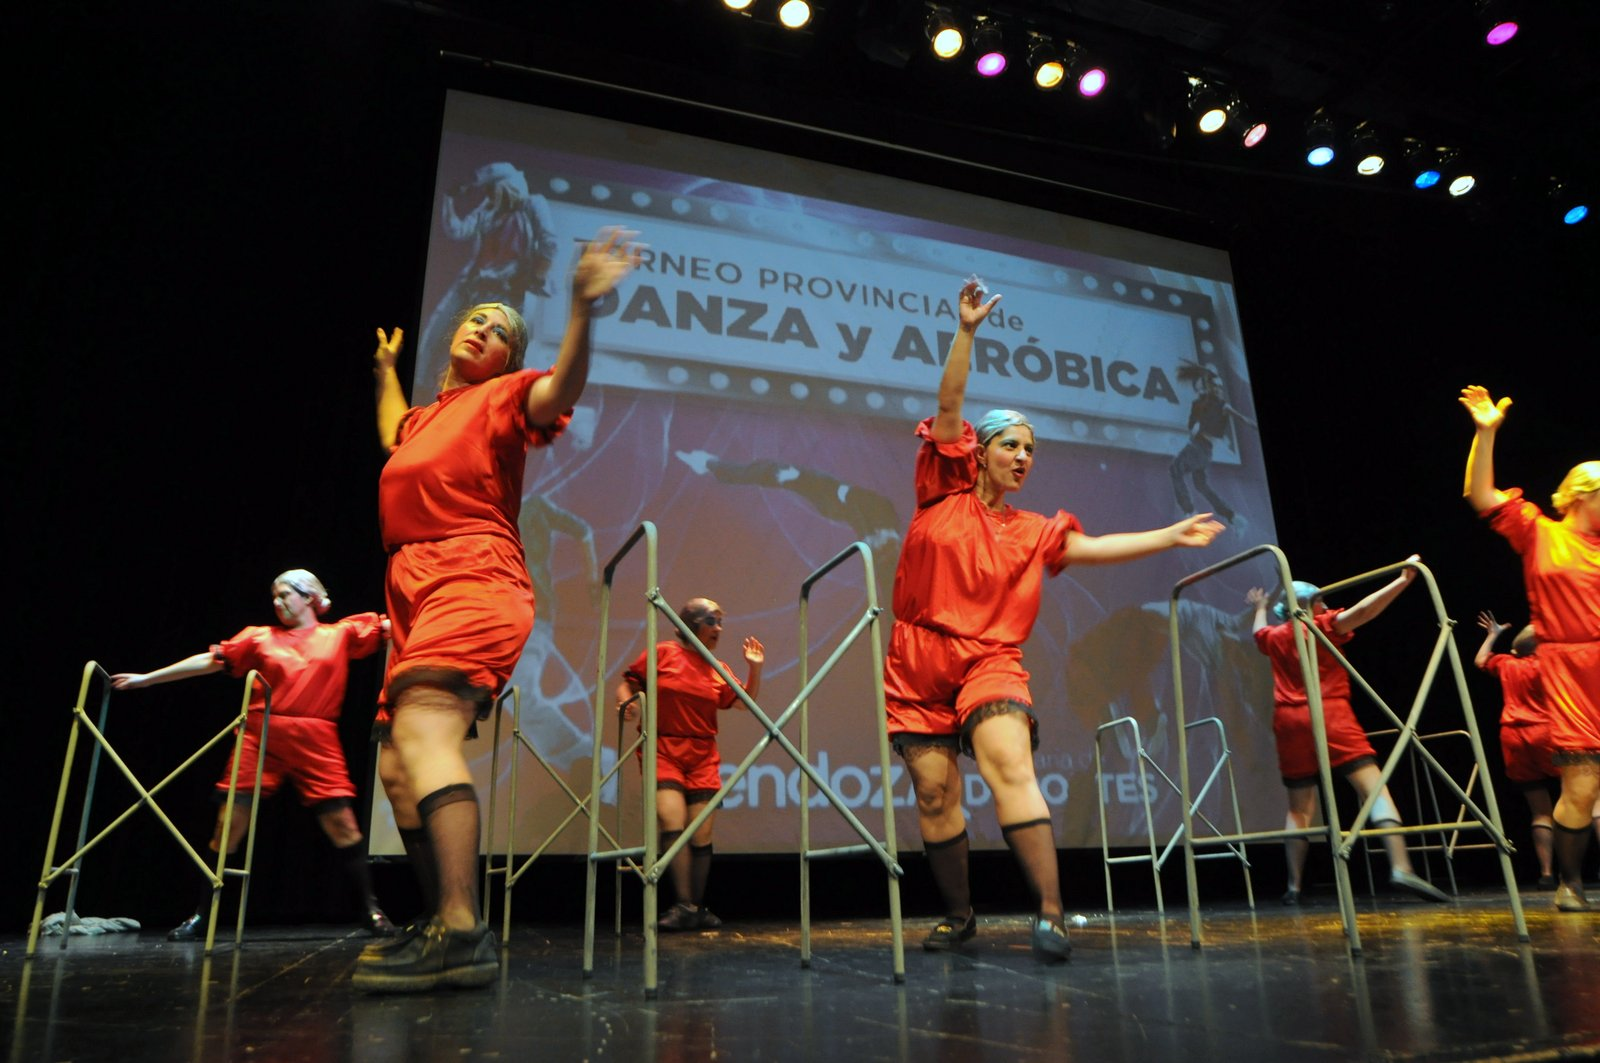 Torneo provincial de danza y aeróbica